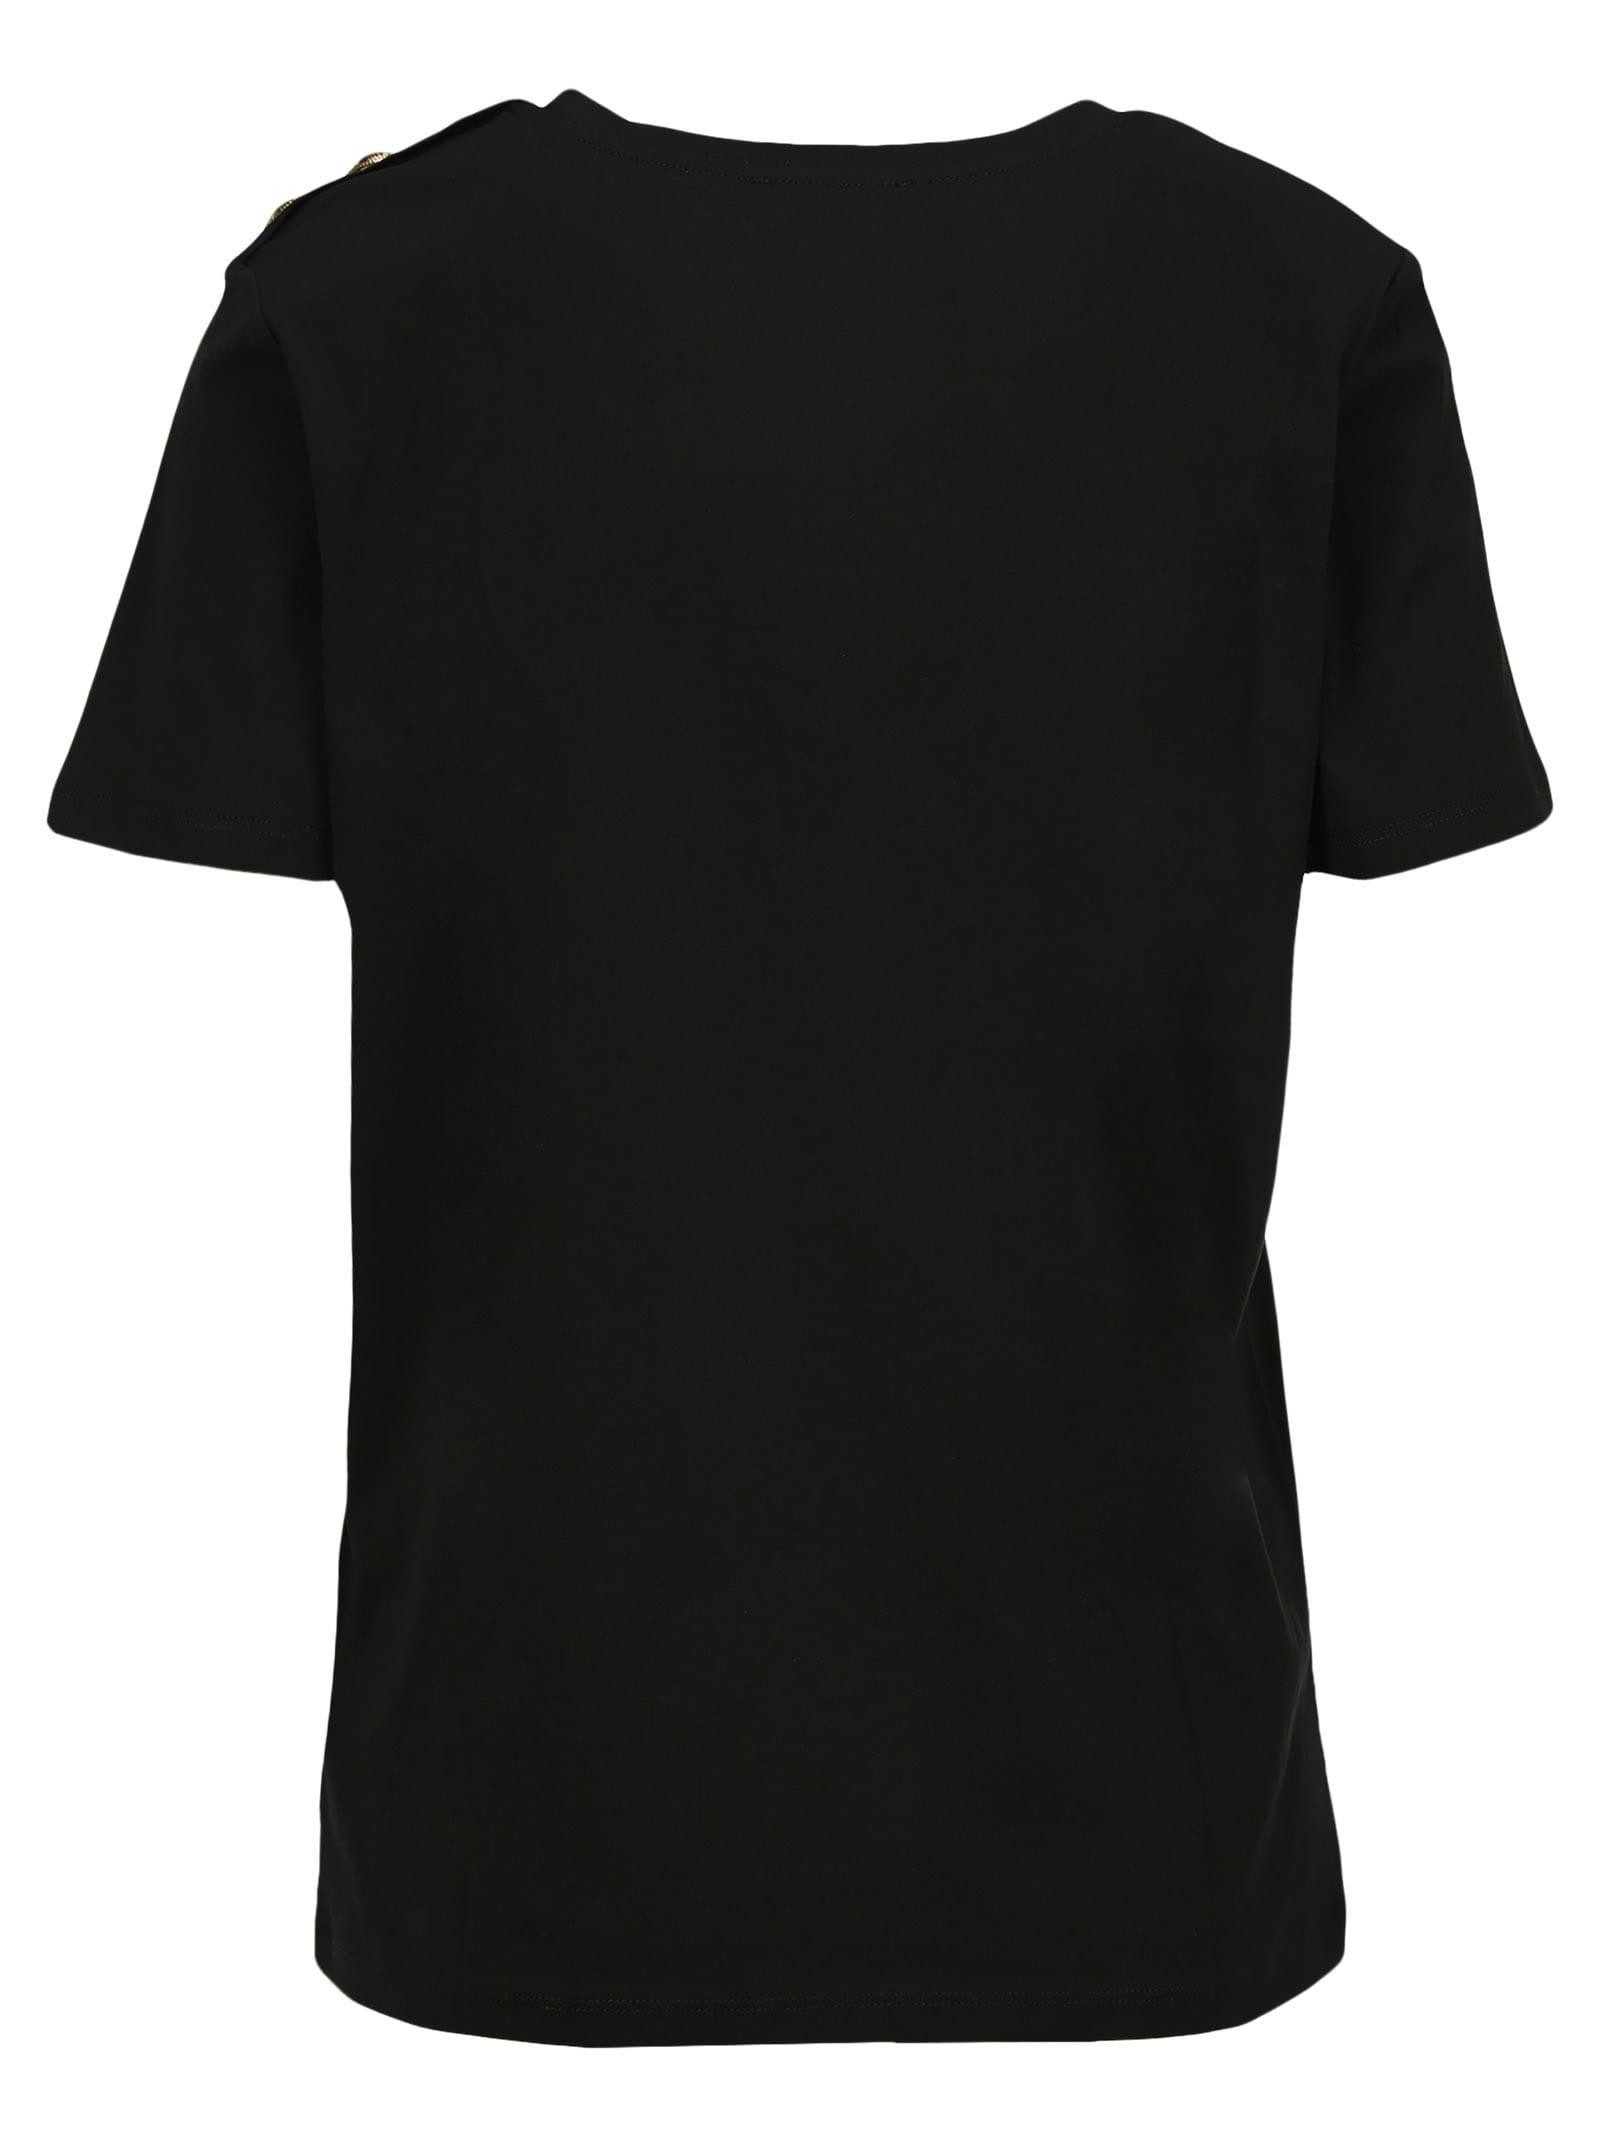 Recommend Cheap Balmain Short Sleeve T-shirt